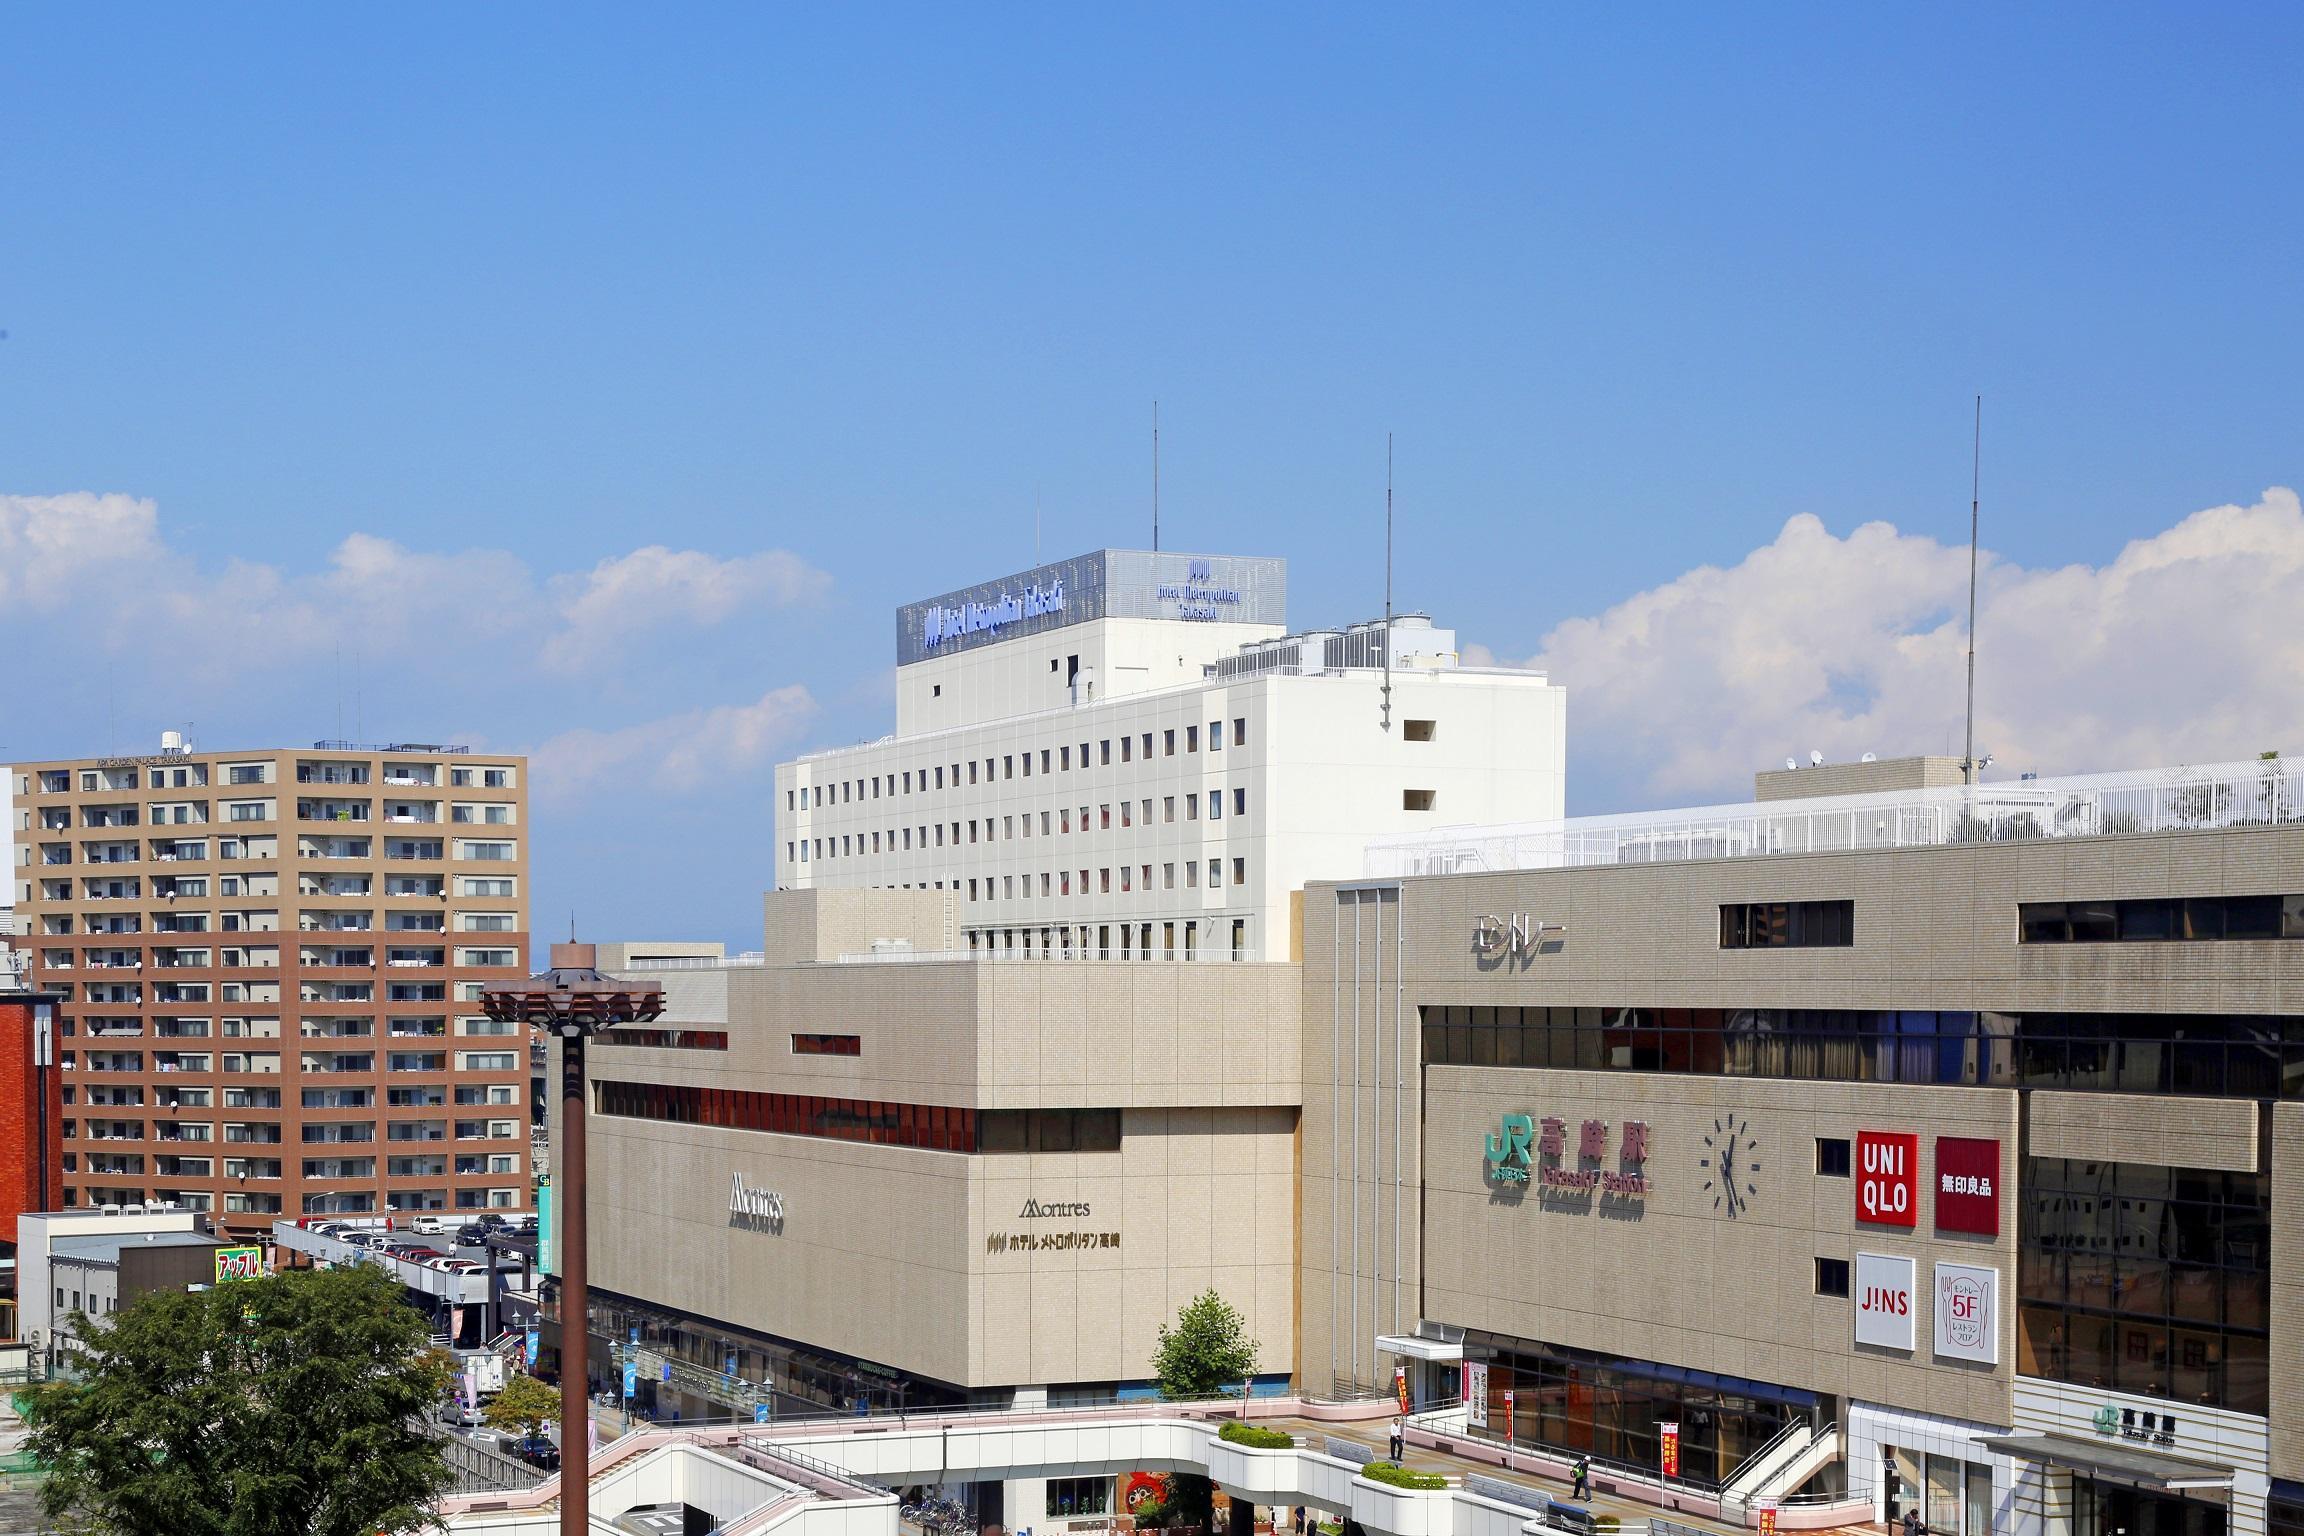 ホテルメトロポリタン 高崎